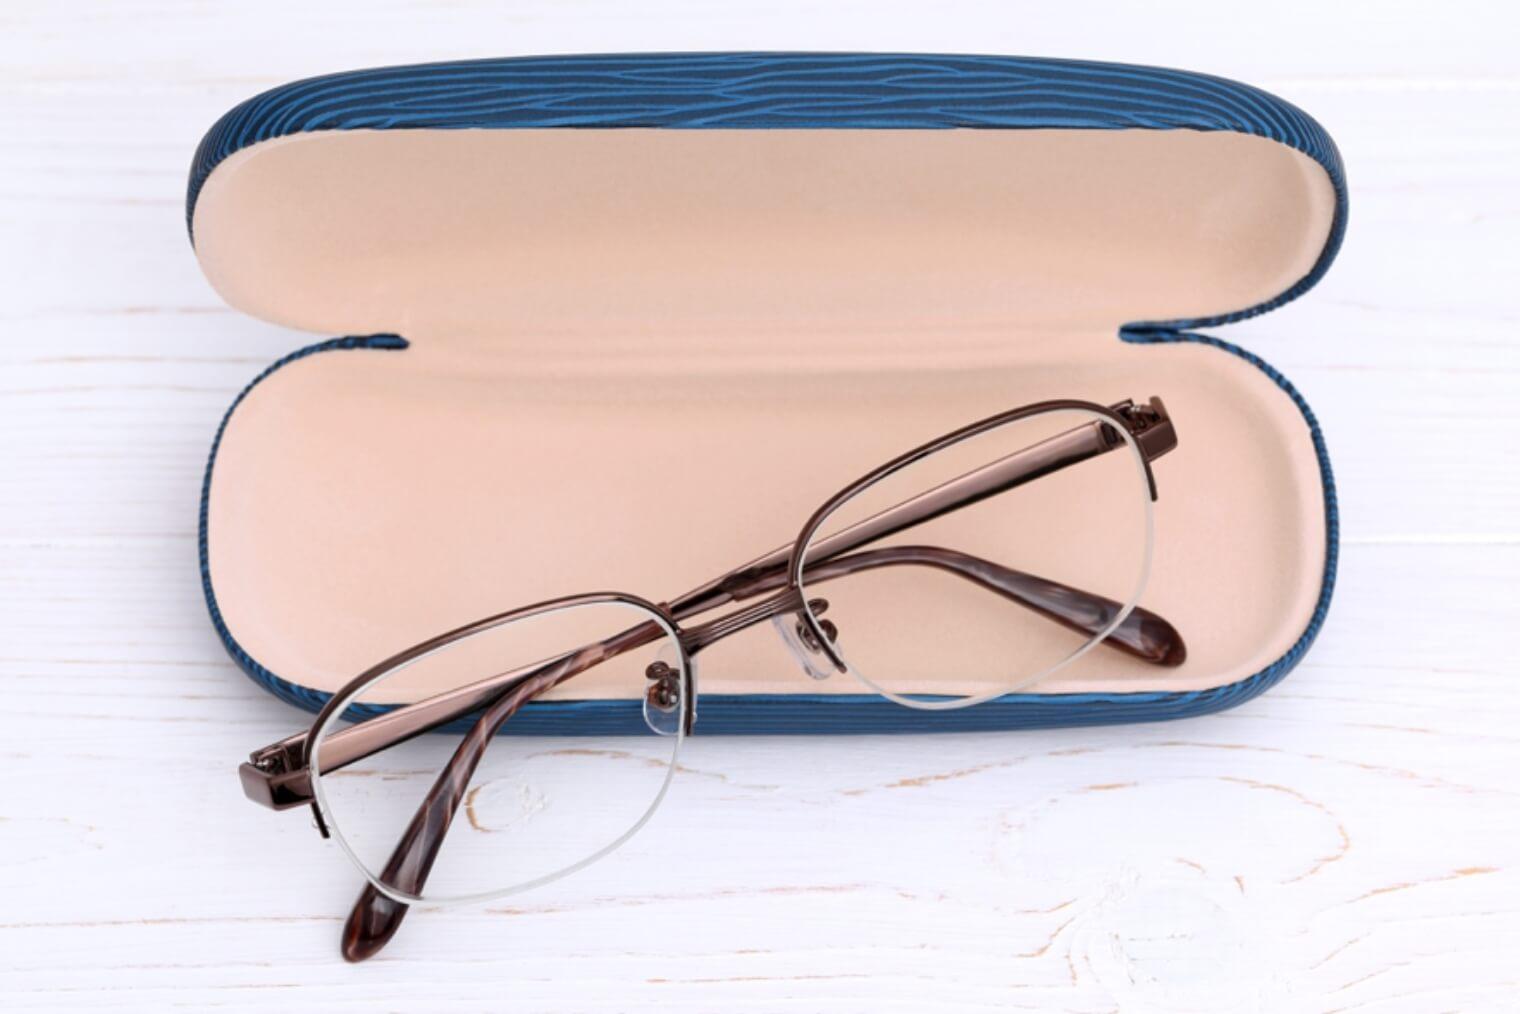 メガネ収納をおしゃれにするびっくりアイデアを紹介します!